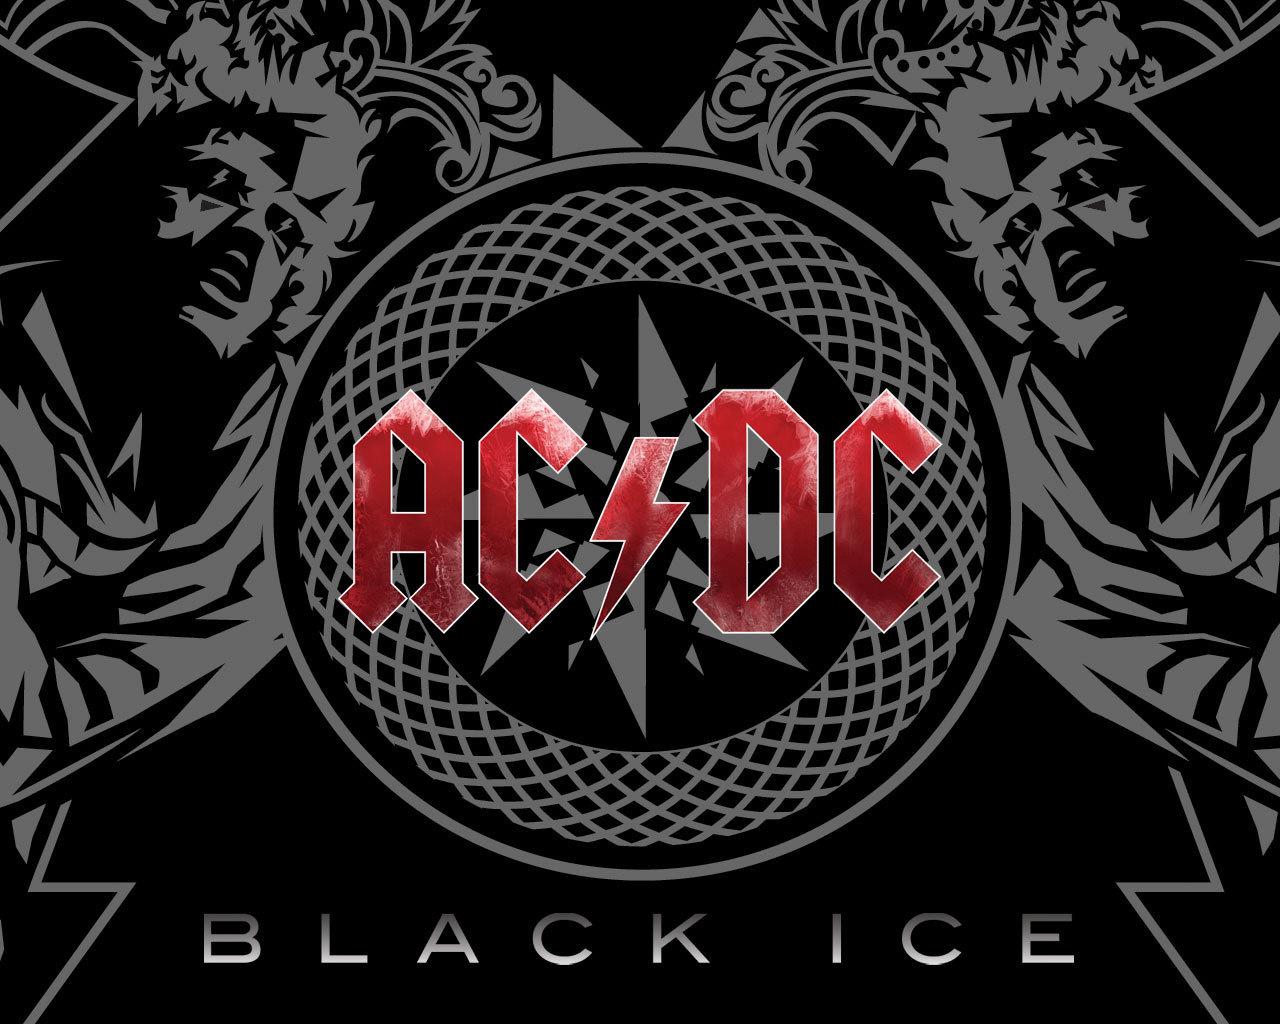 http://4.bp.blogspot.com/_oqSI65HCizc/TM1RLstRn2I/AAAAAAAAA-8/pWaaeoyzEoE/s1600/Black-Ice-ac-dc-2639694-1280-1024.jpg